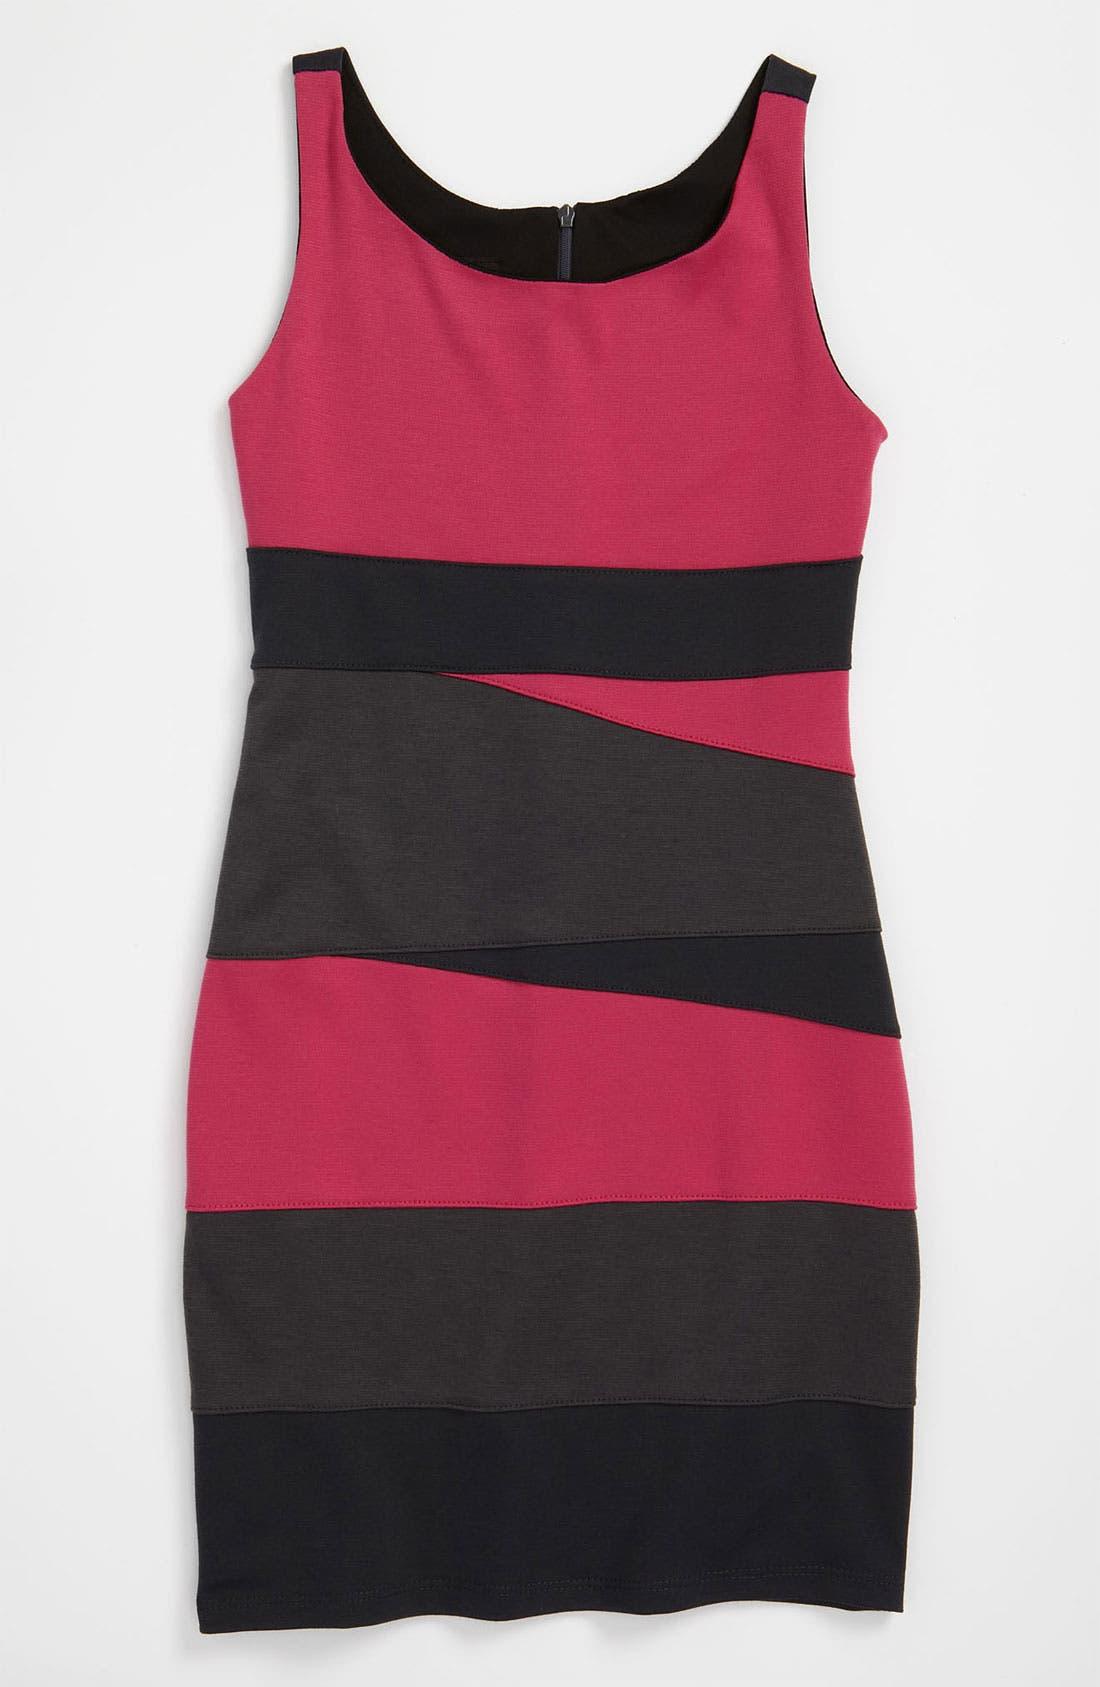 Alternate Image 1 Selected - Un Deux Trois Colorblock Ponte Knit Dress (Big Girls)